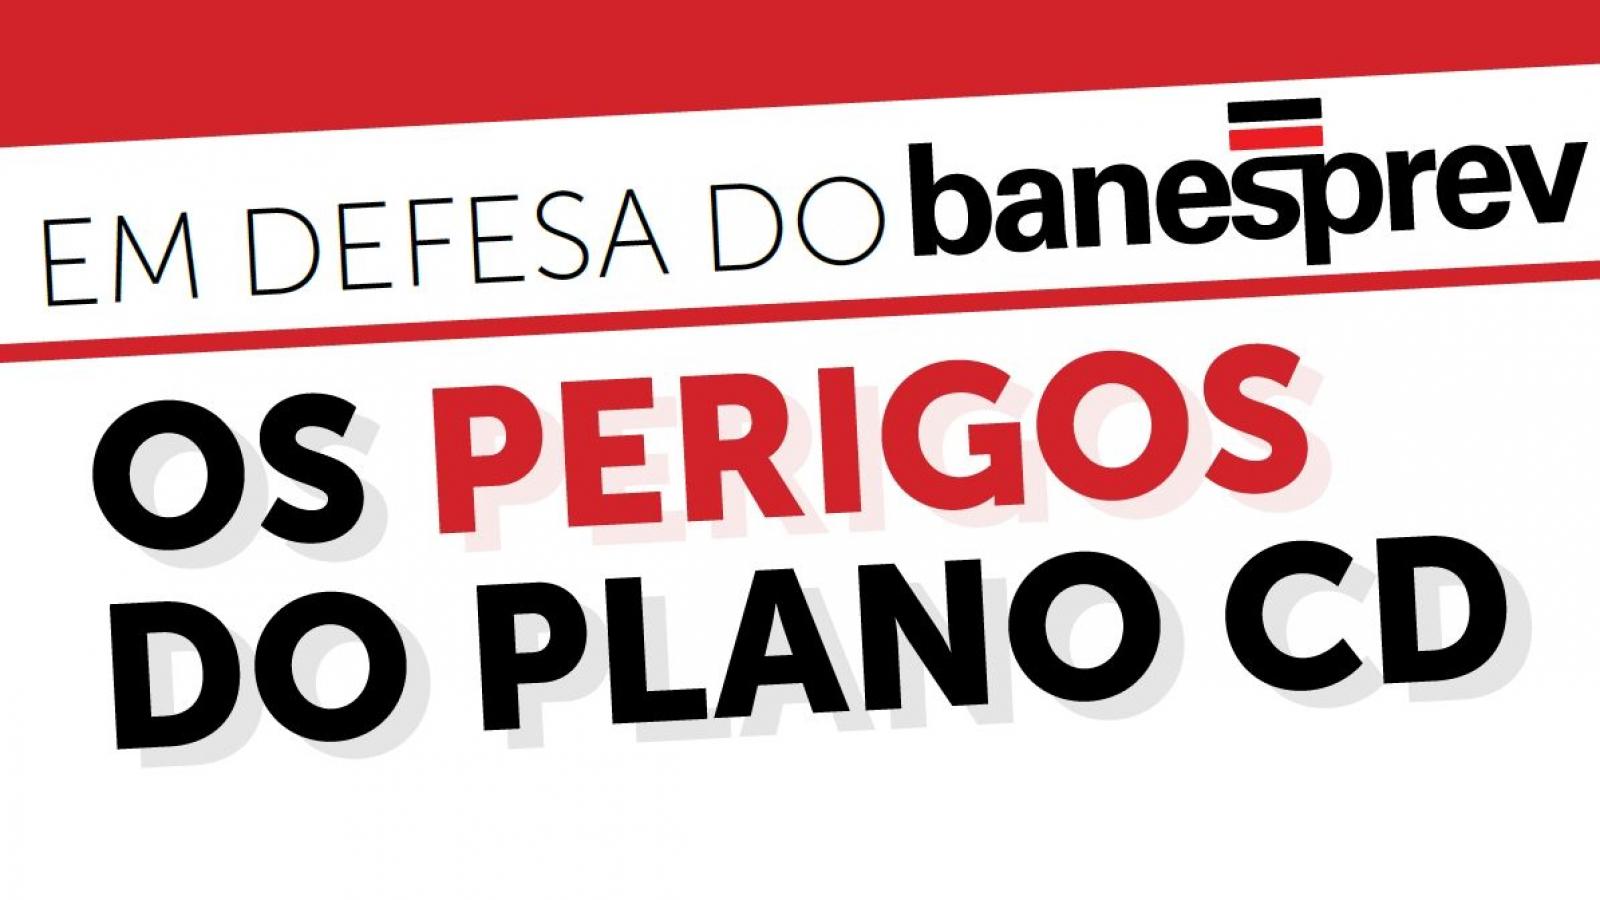 Banco_banespa_21092021